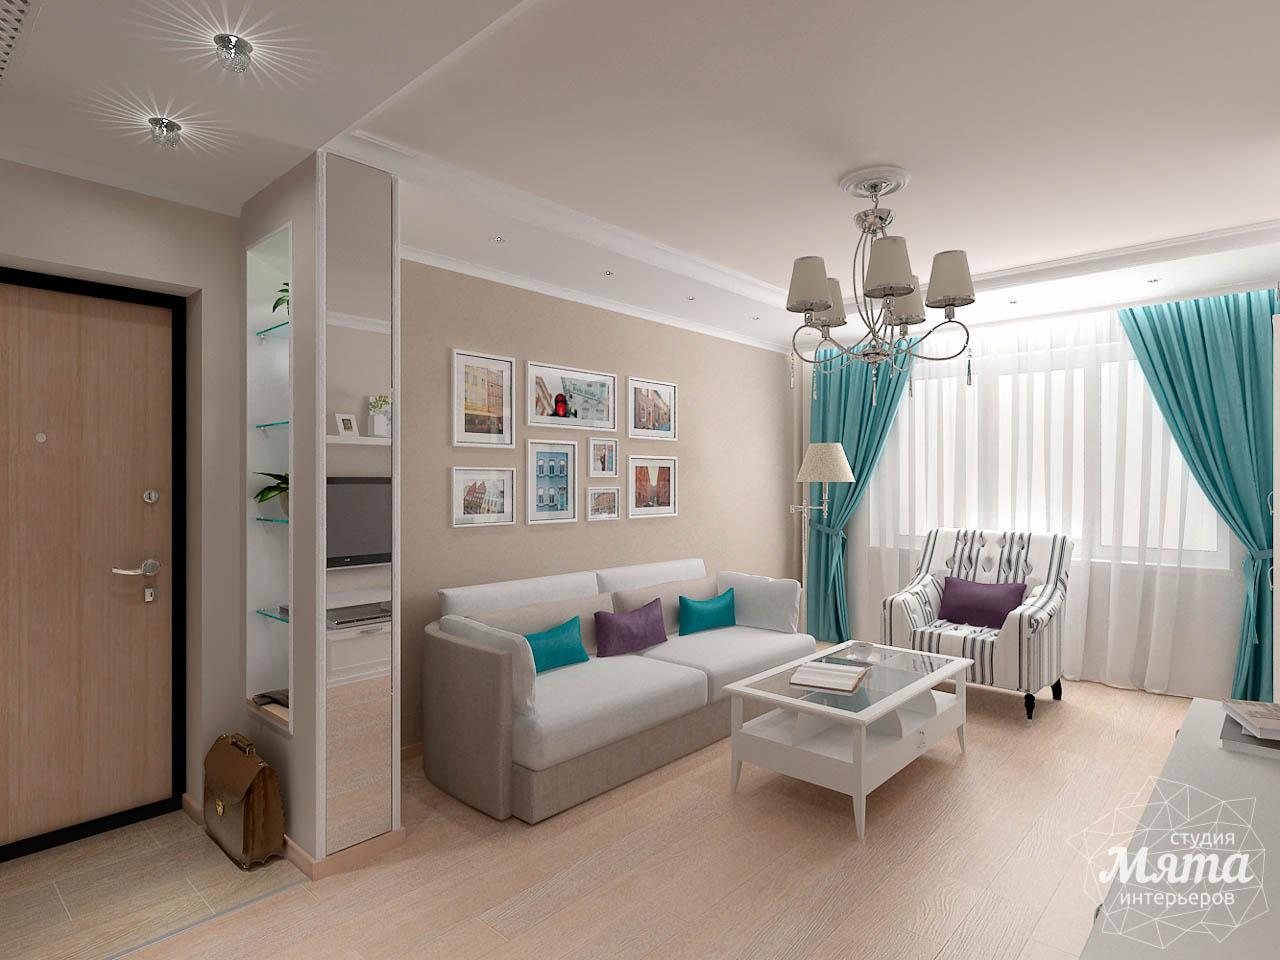 Дизайн интерьера двухкомнатной квартиры по ул. Шаумяна 93 img107129969